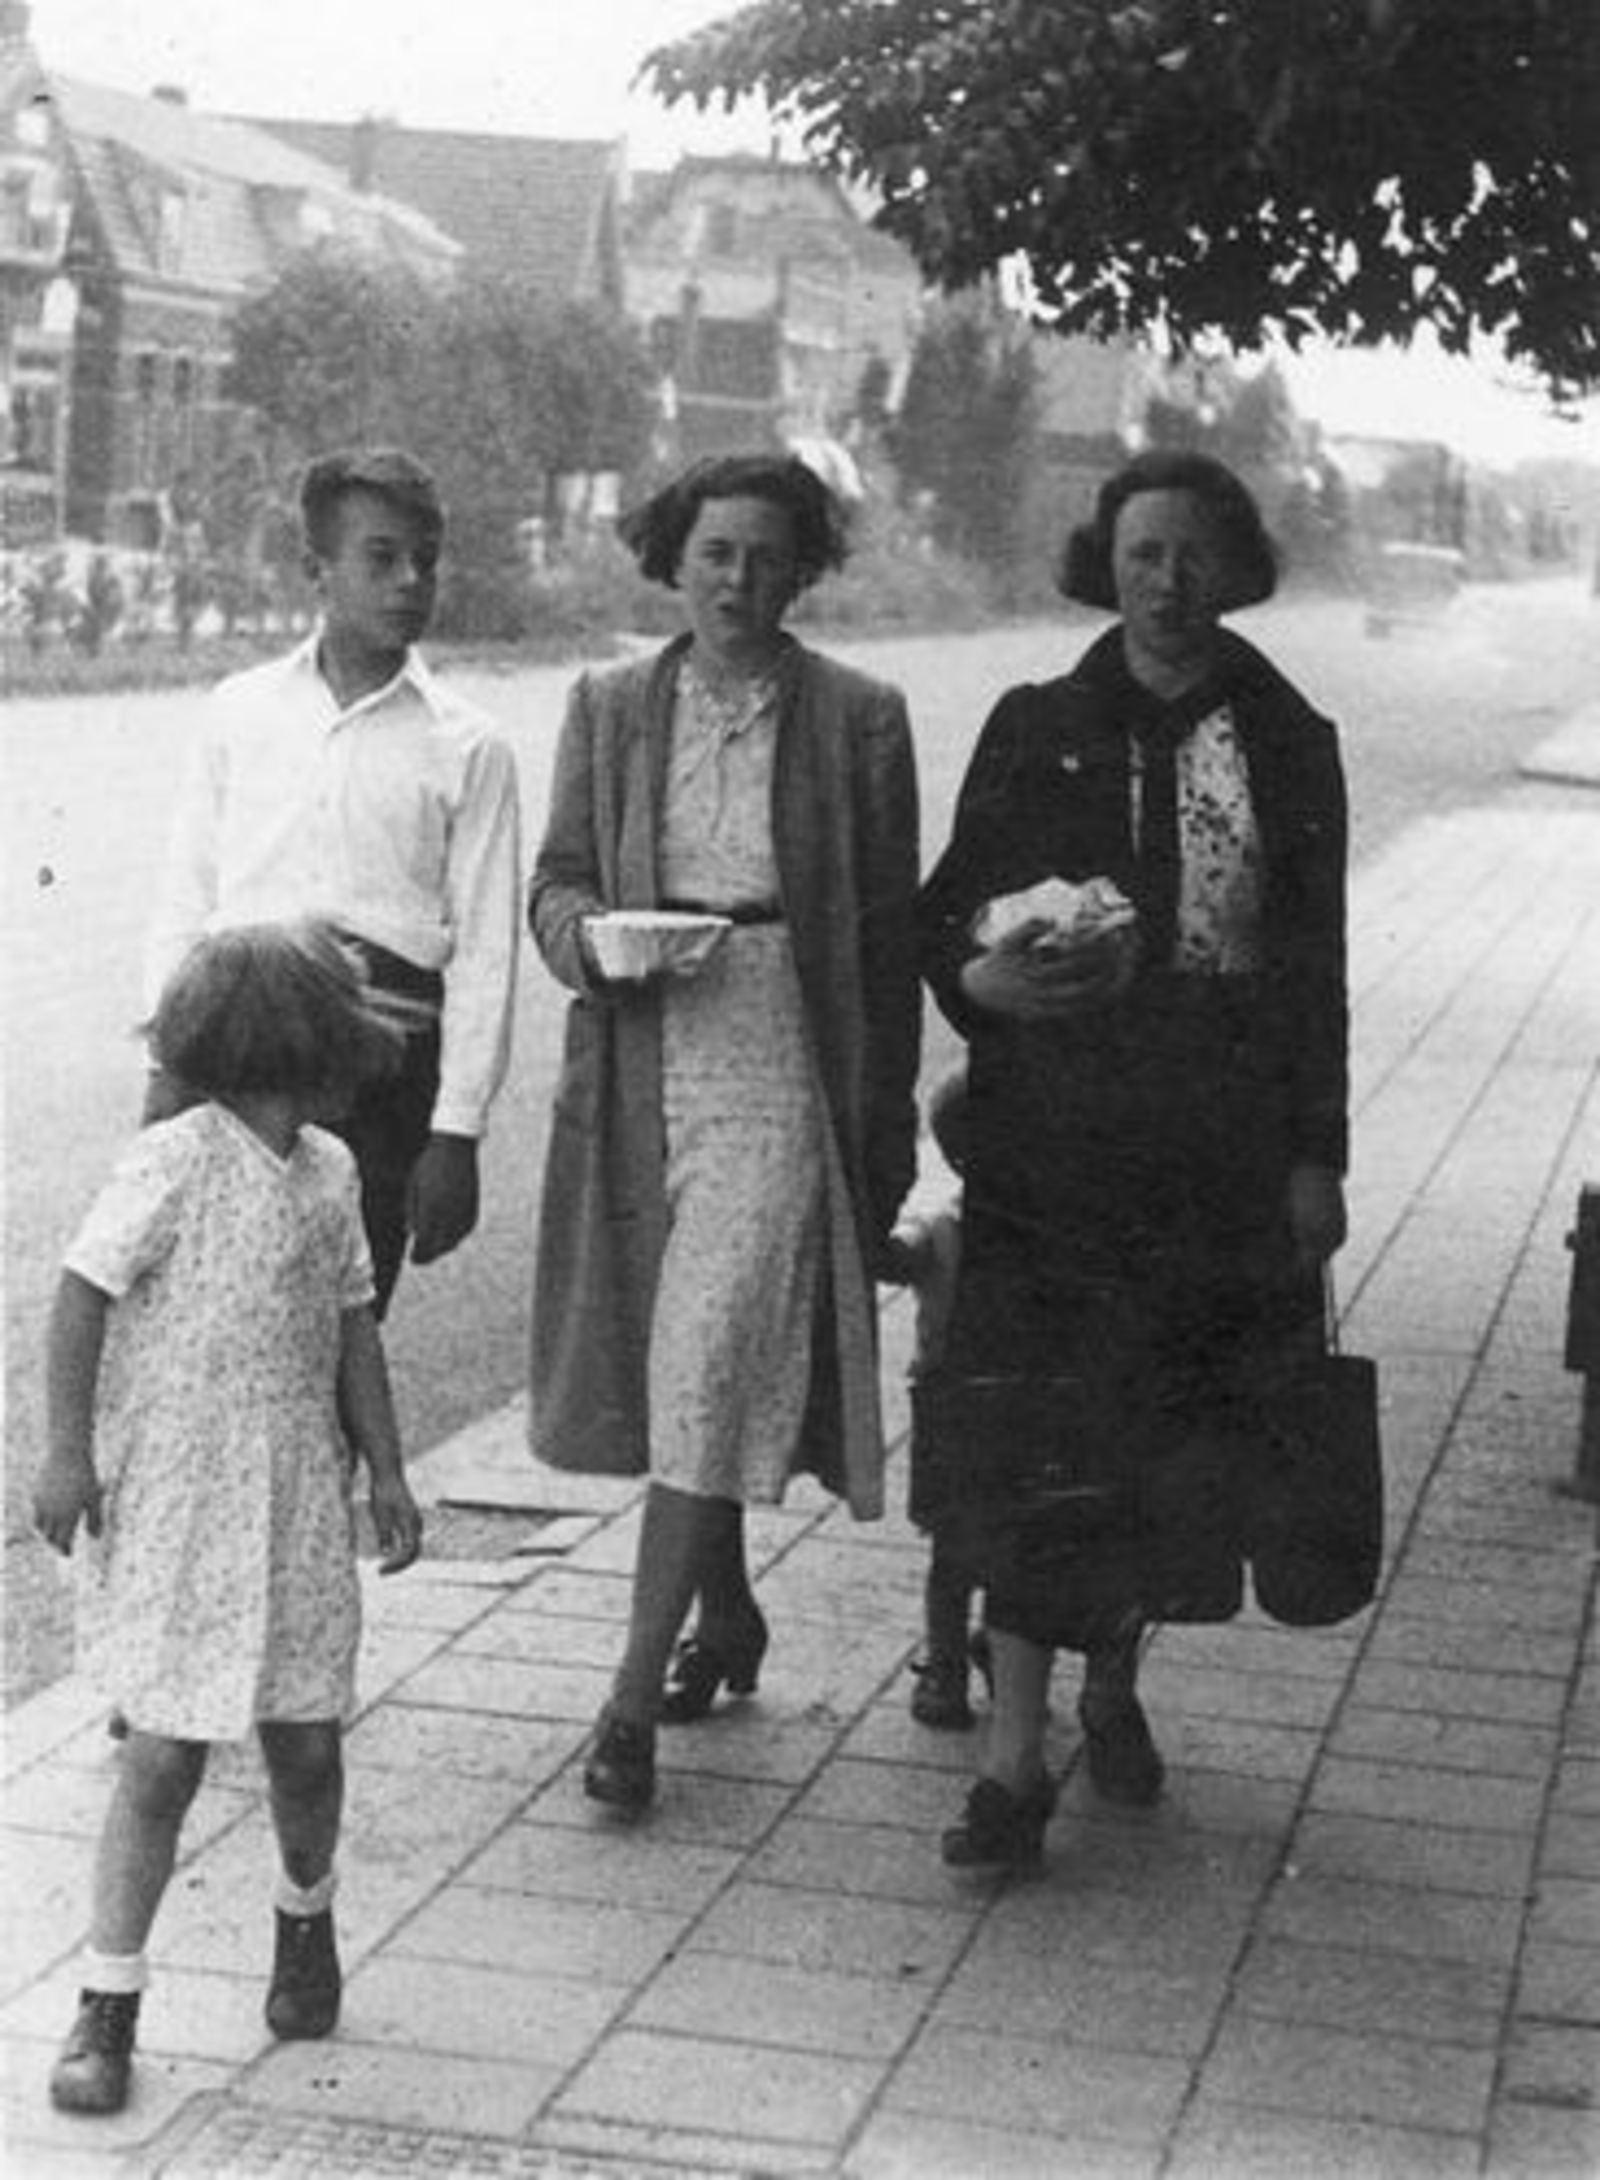 Calvelage Marie 1921 1961± met zus Rika ea bij Kruisweg 997 01